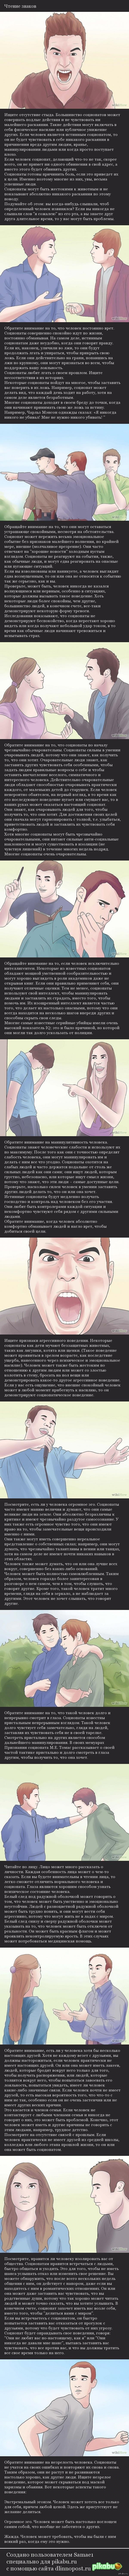 Как распознать социопата. 13 признаков